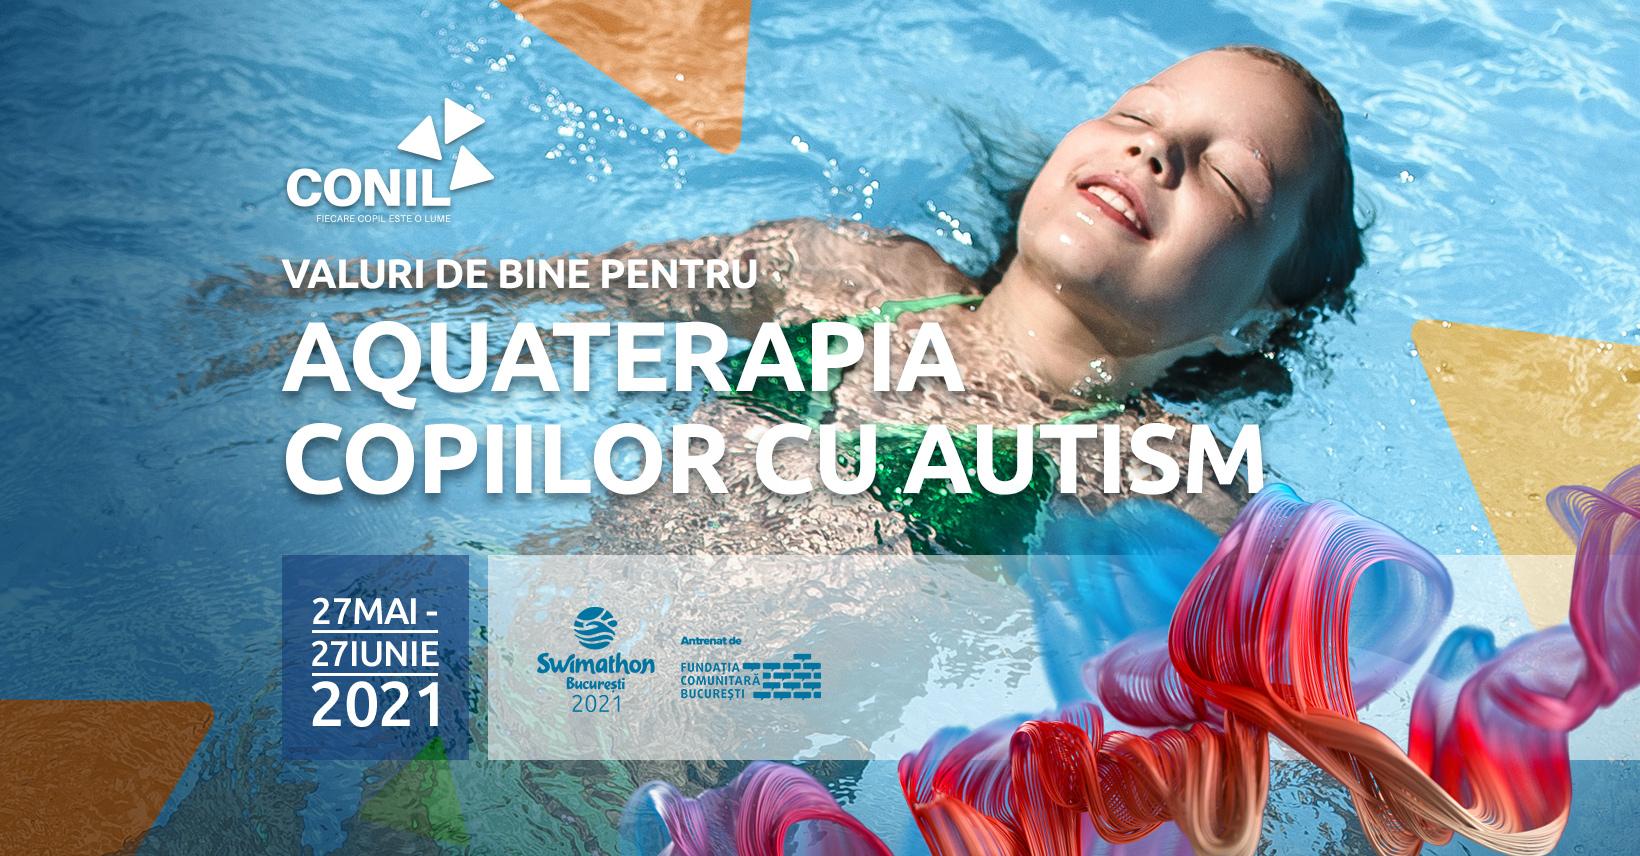 Asociația CONIL te invită în cel mai mare val de bine al anului! Swimathon 2021, facem valuri de bine pentru proiectul Aquaterapie pentru copiii cu autism!